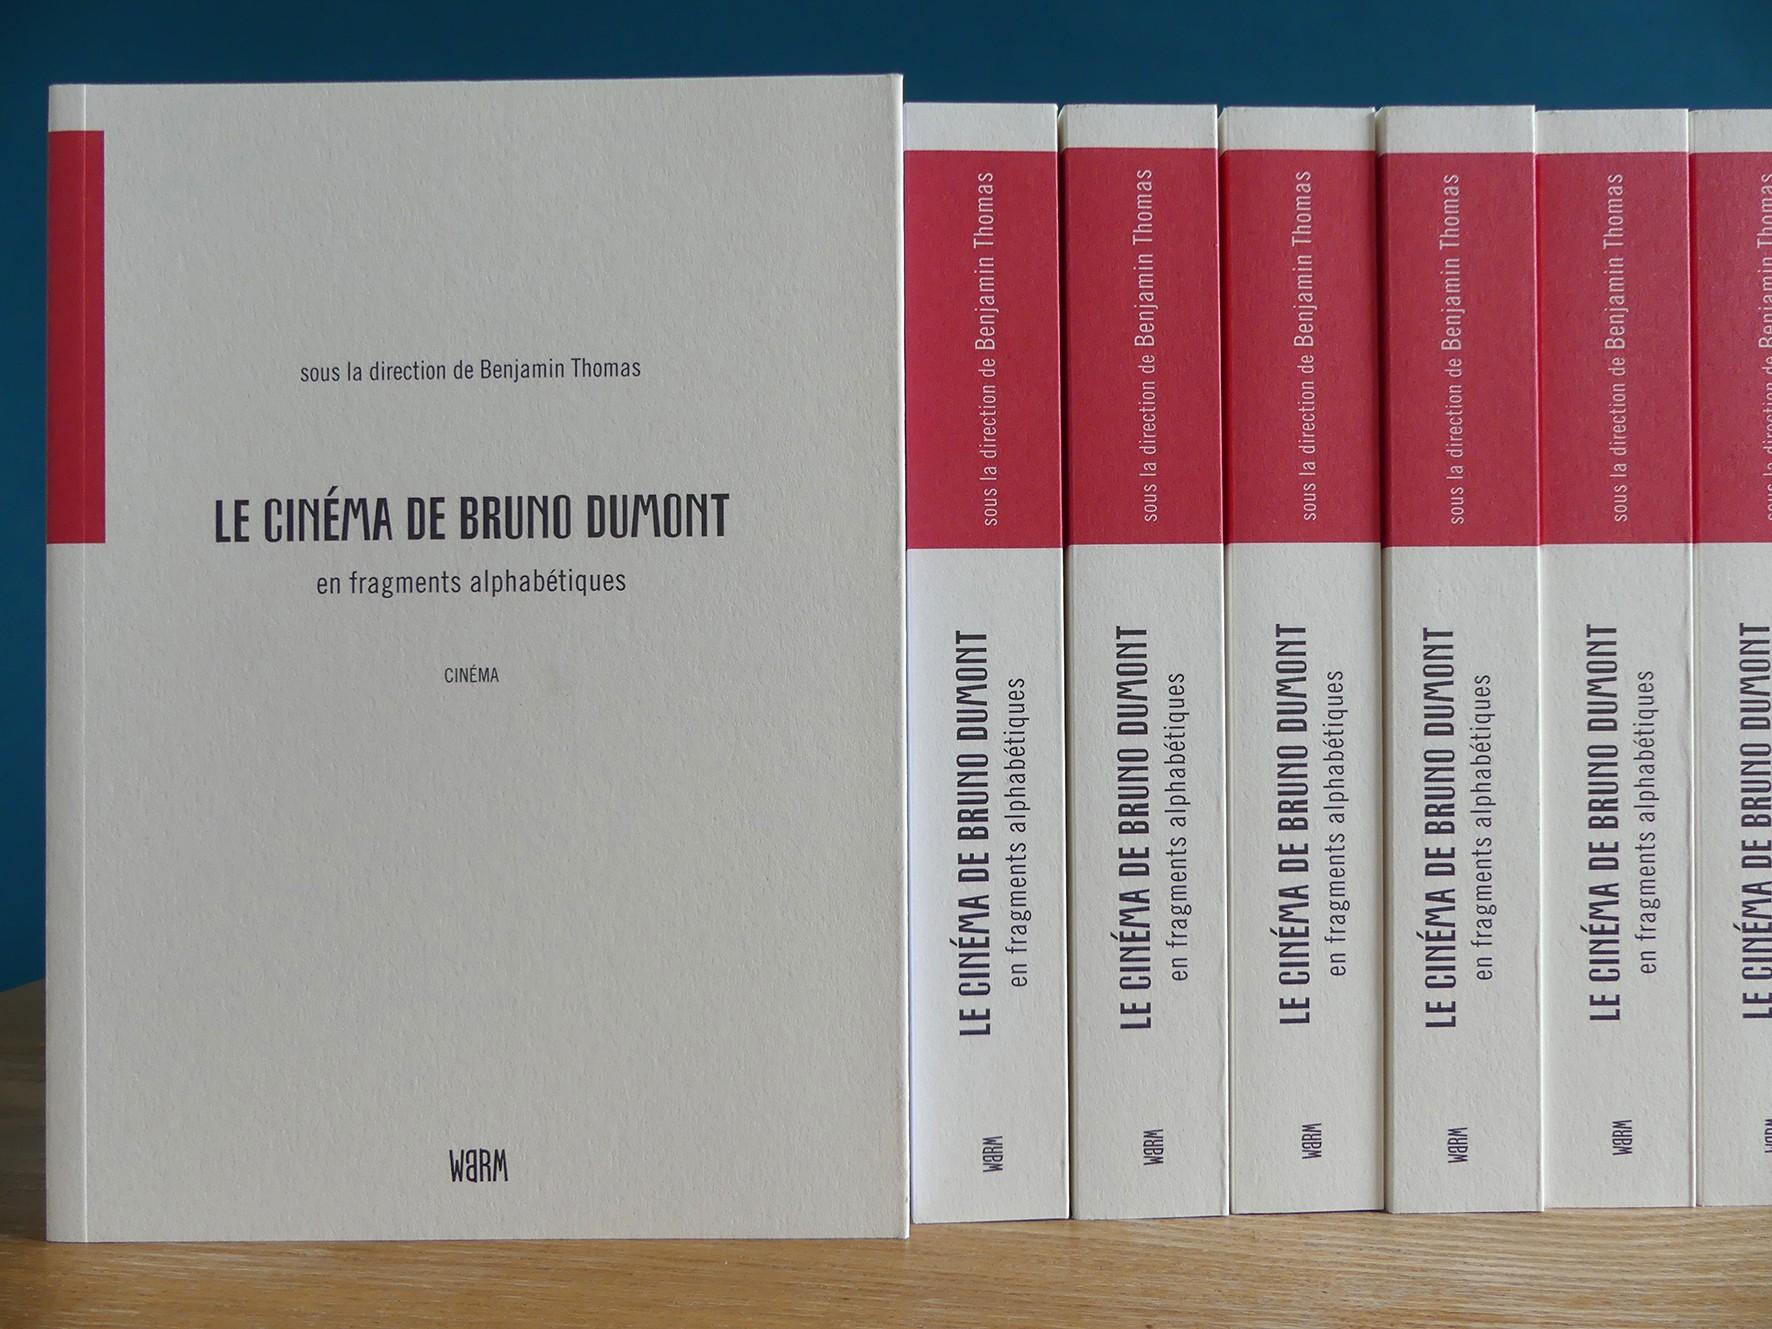 Le cinéma de Bruno Dumont en fragments alphabétiques